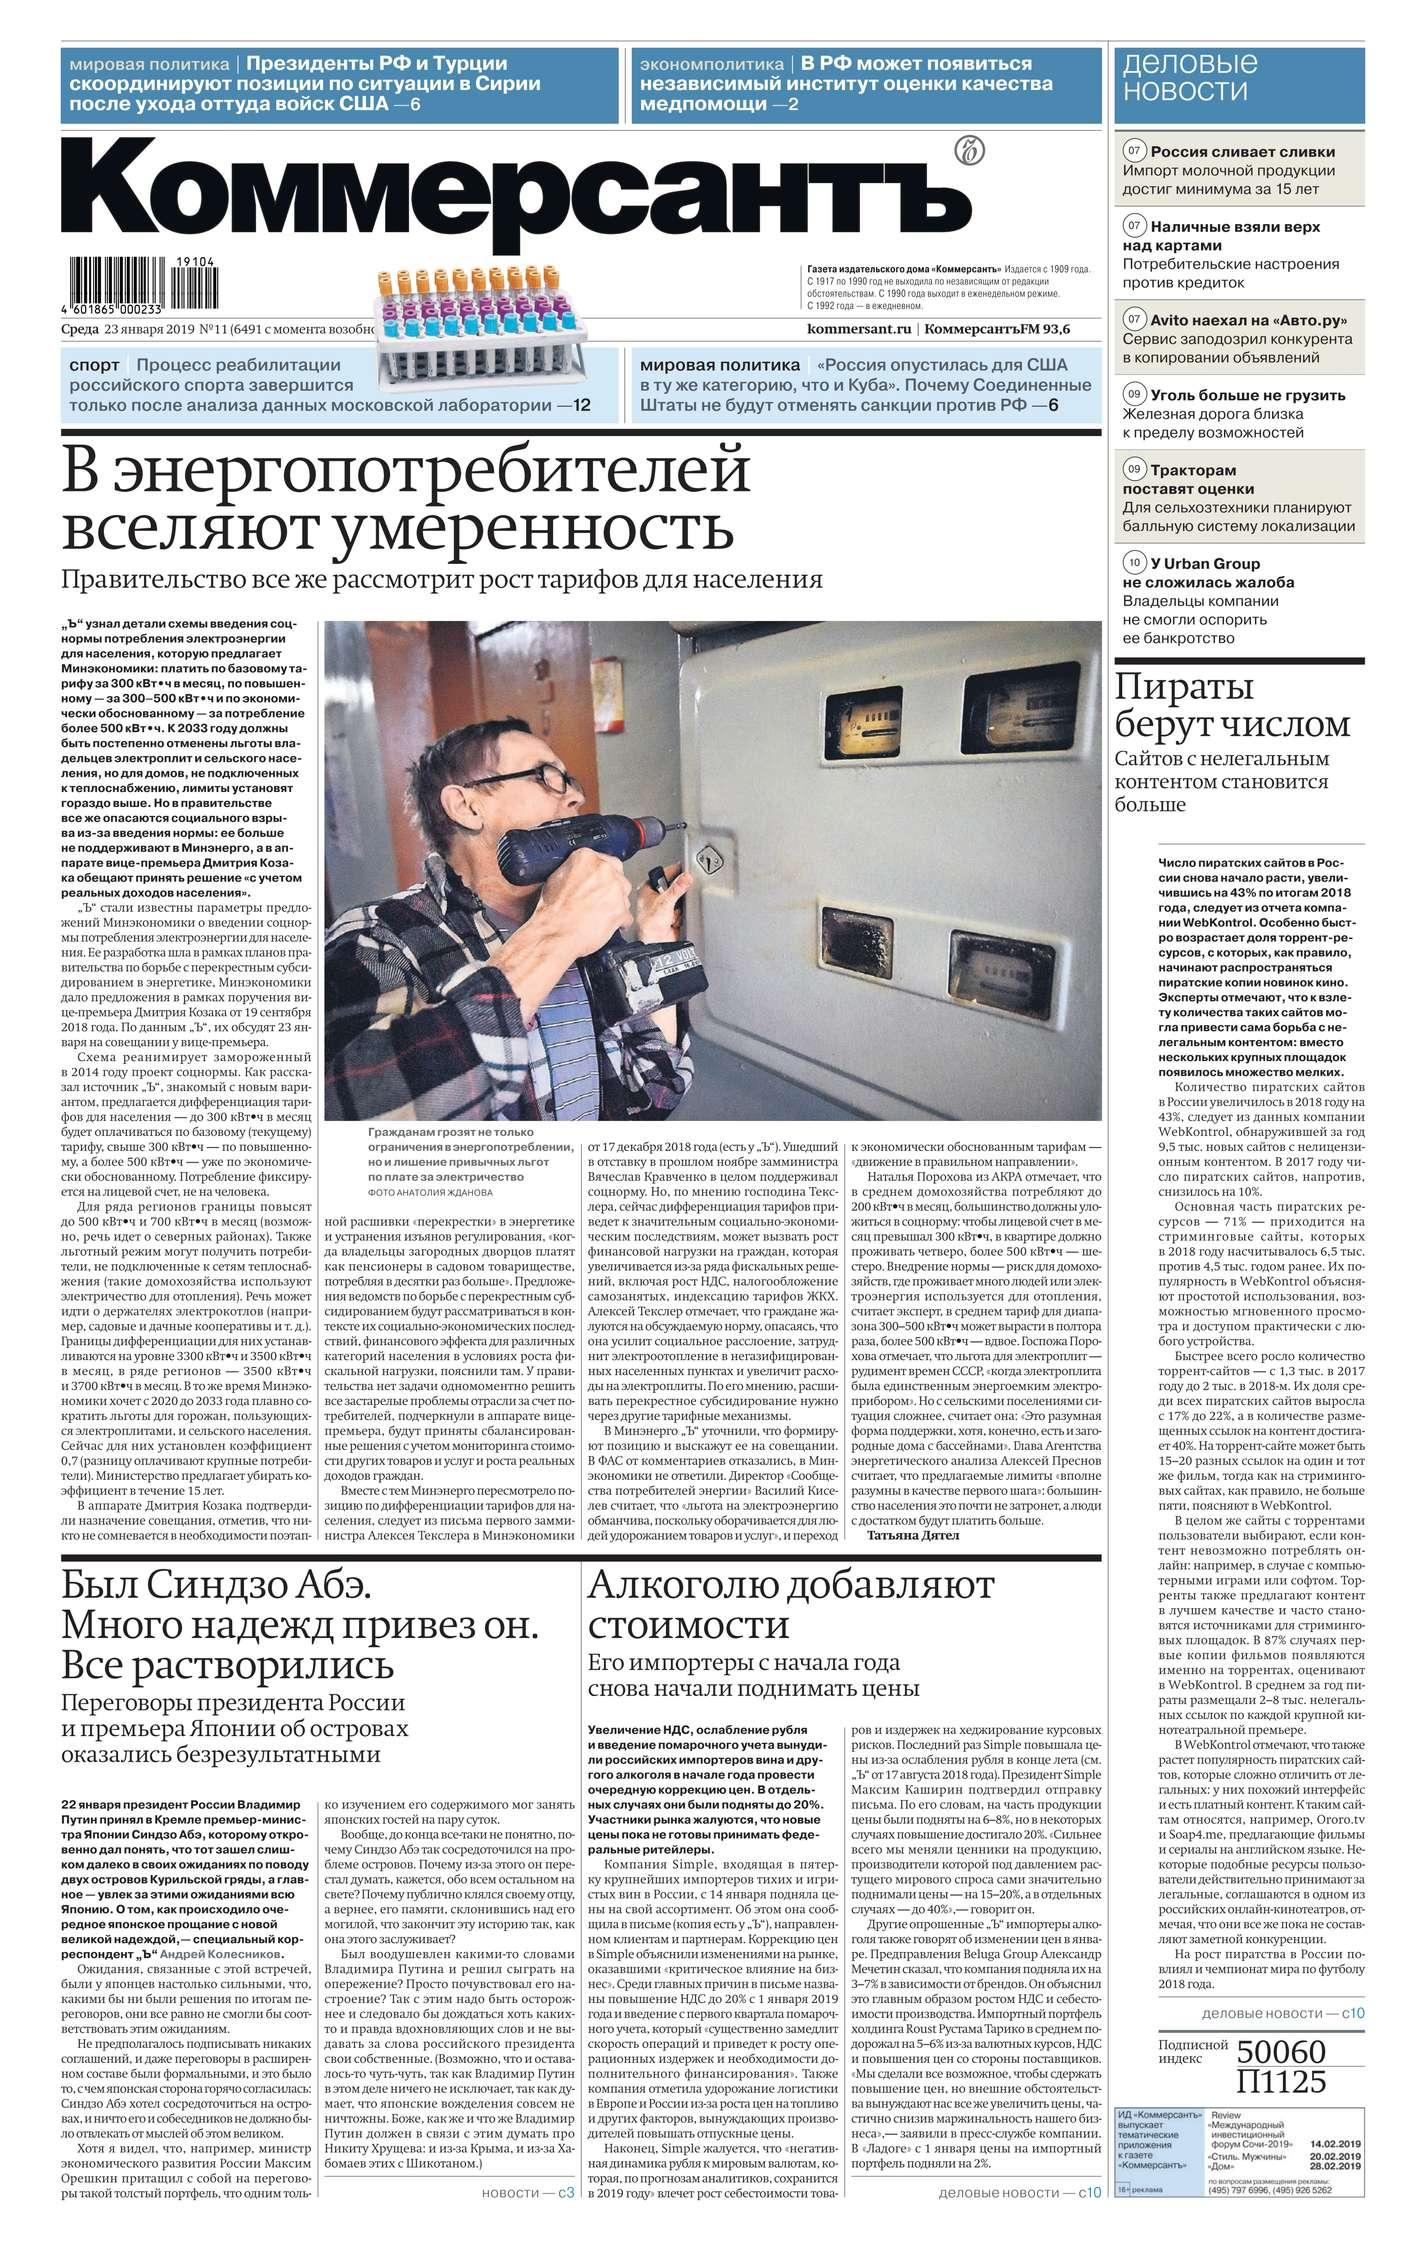 Редакция газеты Коммерсантъ (понедельник-пятница) Коммерсантъ (понедельник-пятница) 11-2019 цена